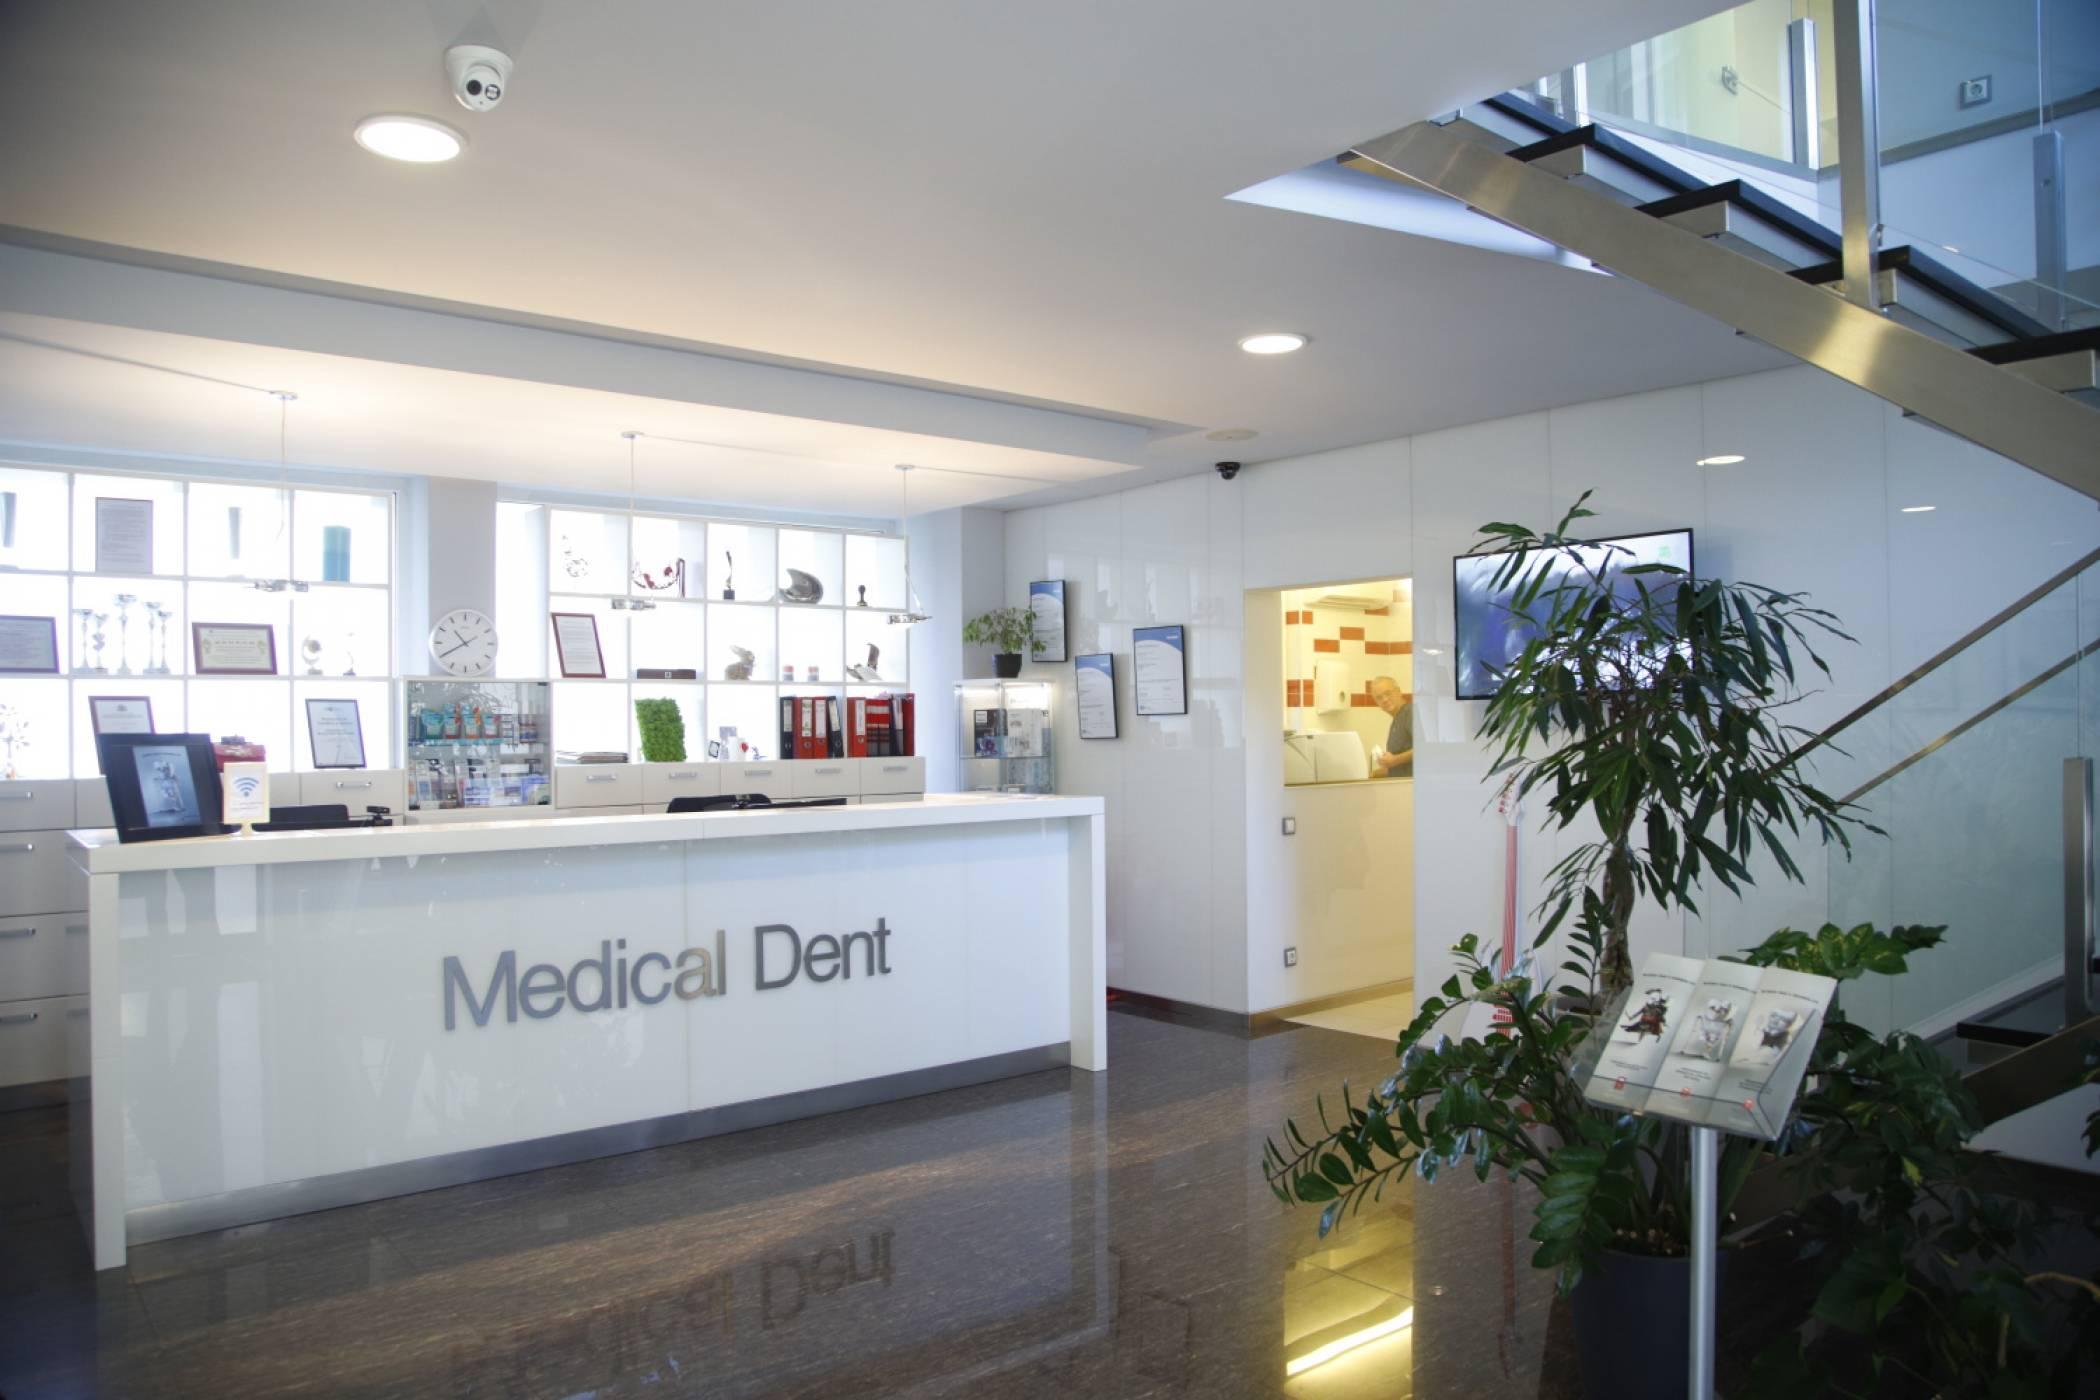 Medical Dent - денталната клиника с ултрамодерни технологии